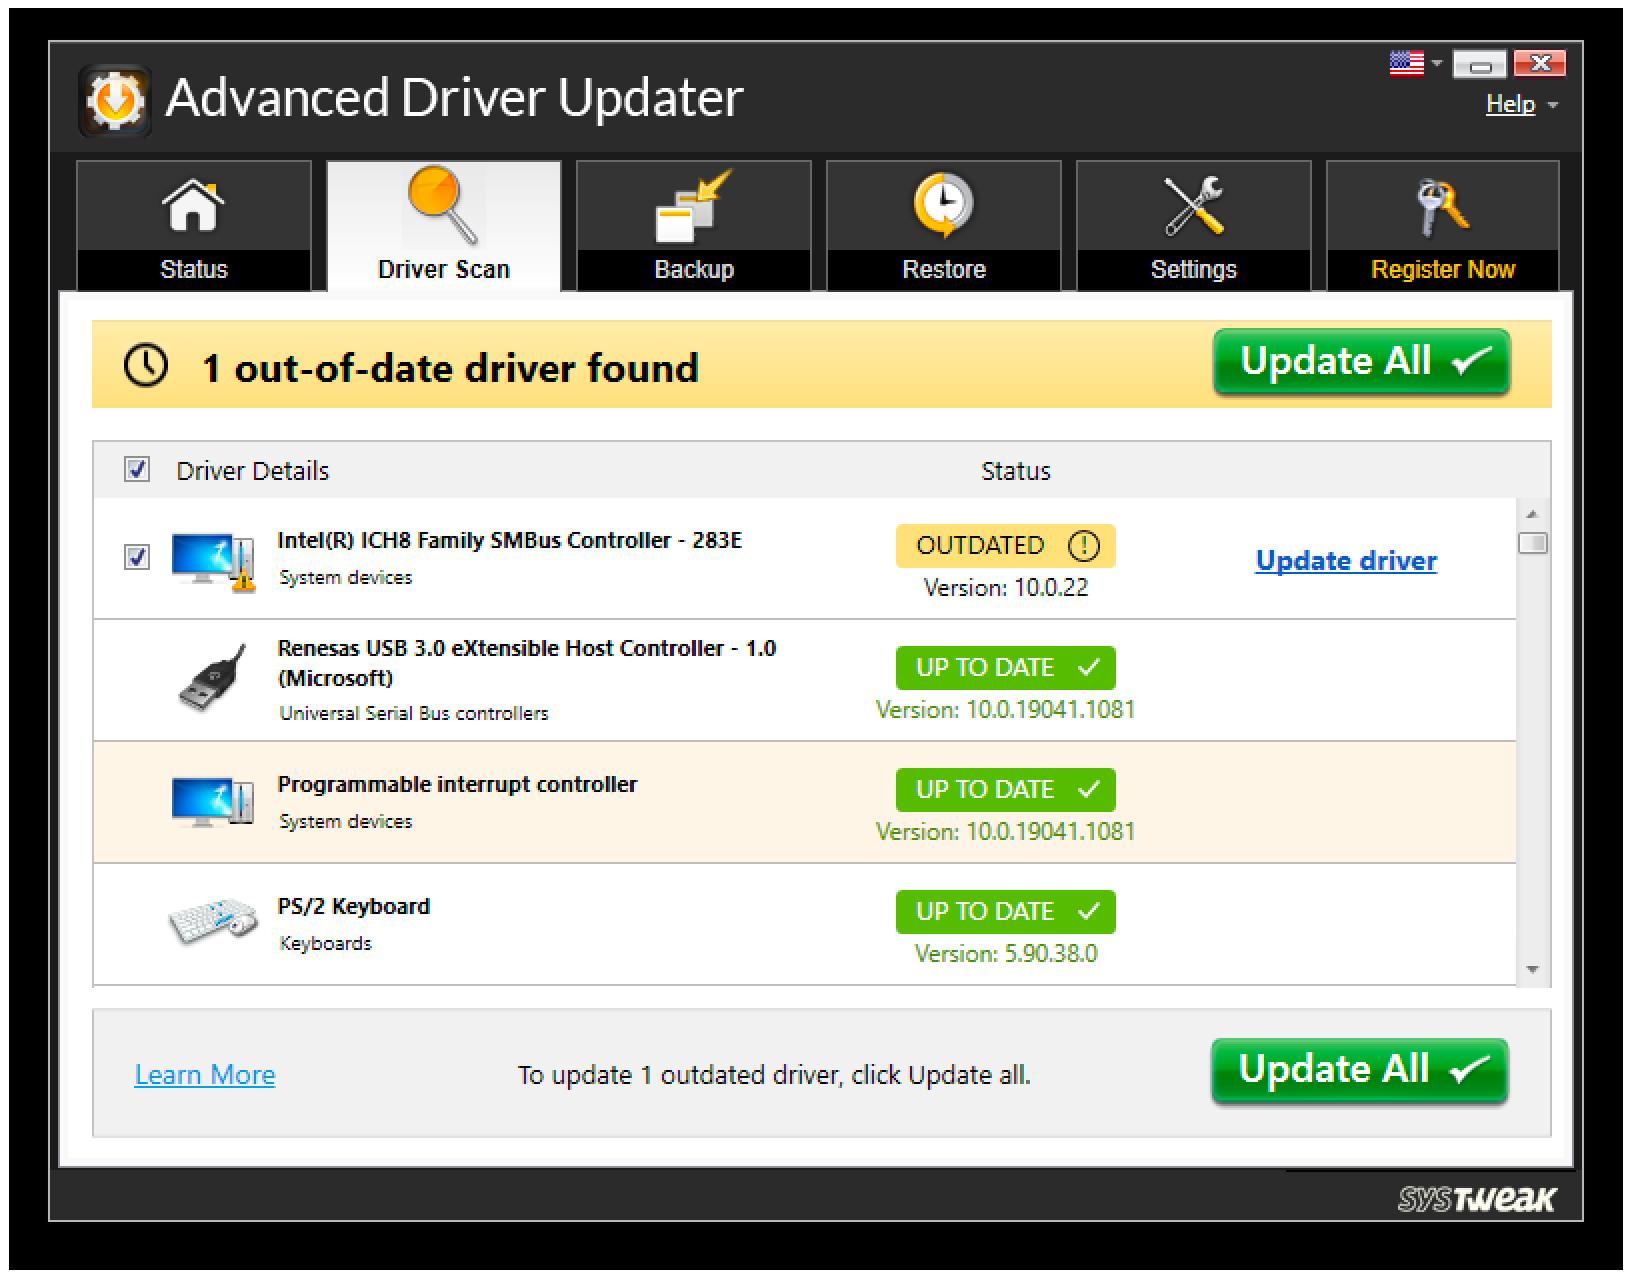 Advanced Driver Updater, PC Optimization Software Screenshot